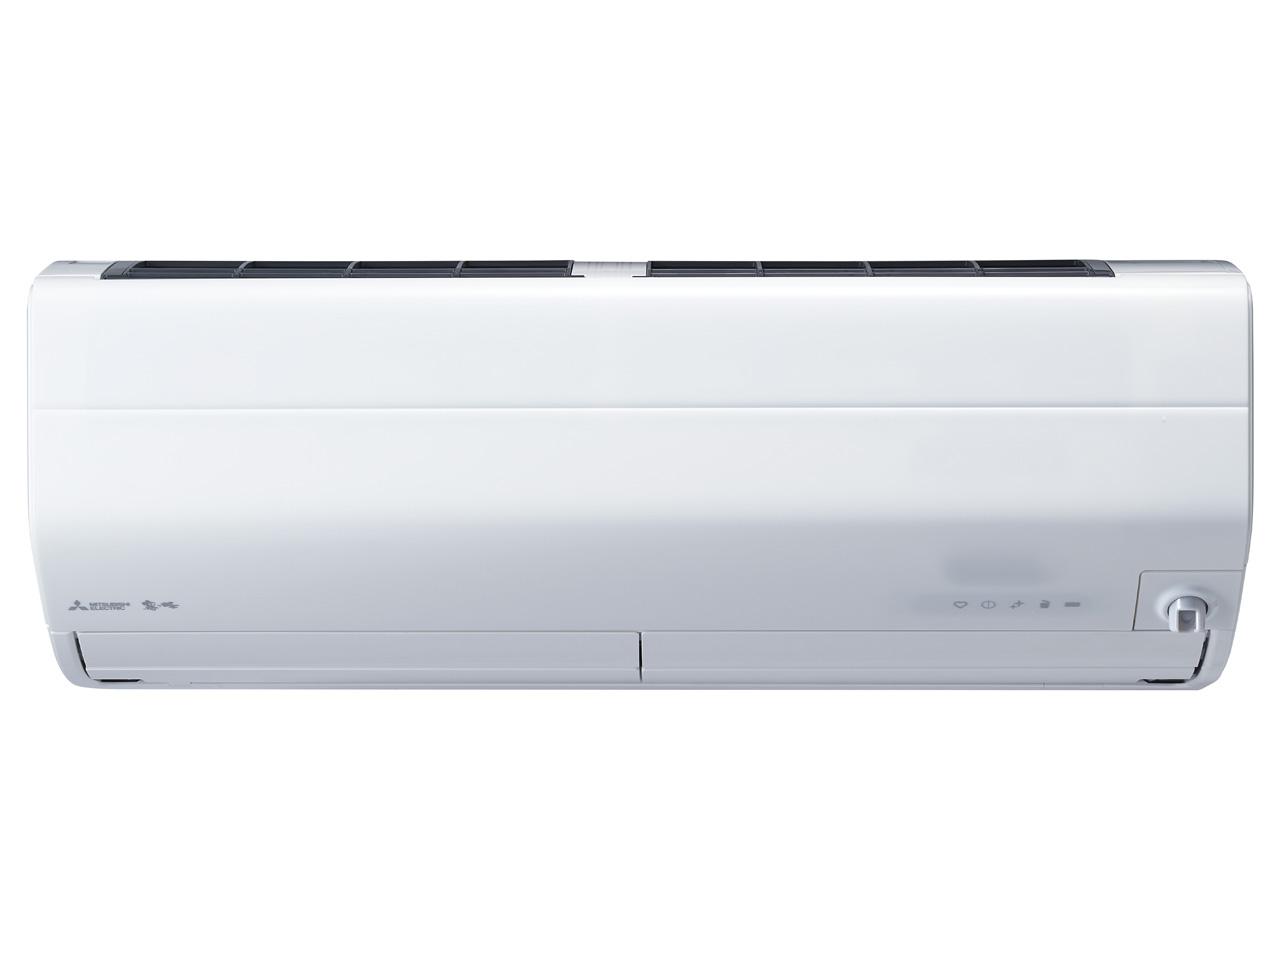 三菱 19年モデル MSZ-ZD6319S-W【ズバ暖霧ヶ峰】搭載冷暖房21畳用エアコン200V仕様